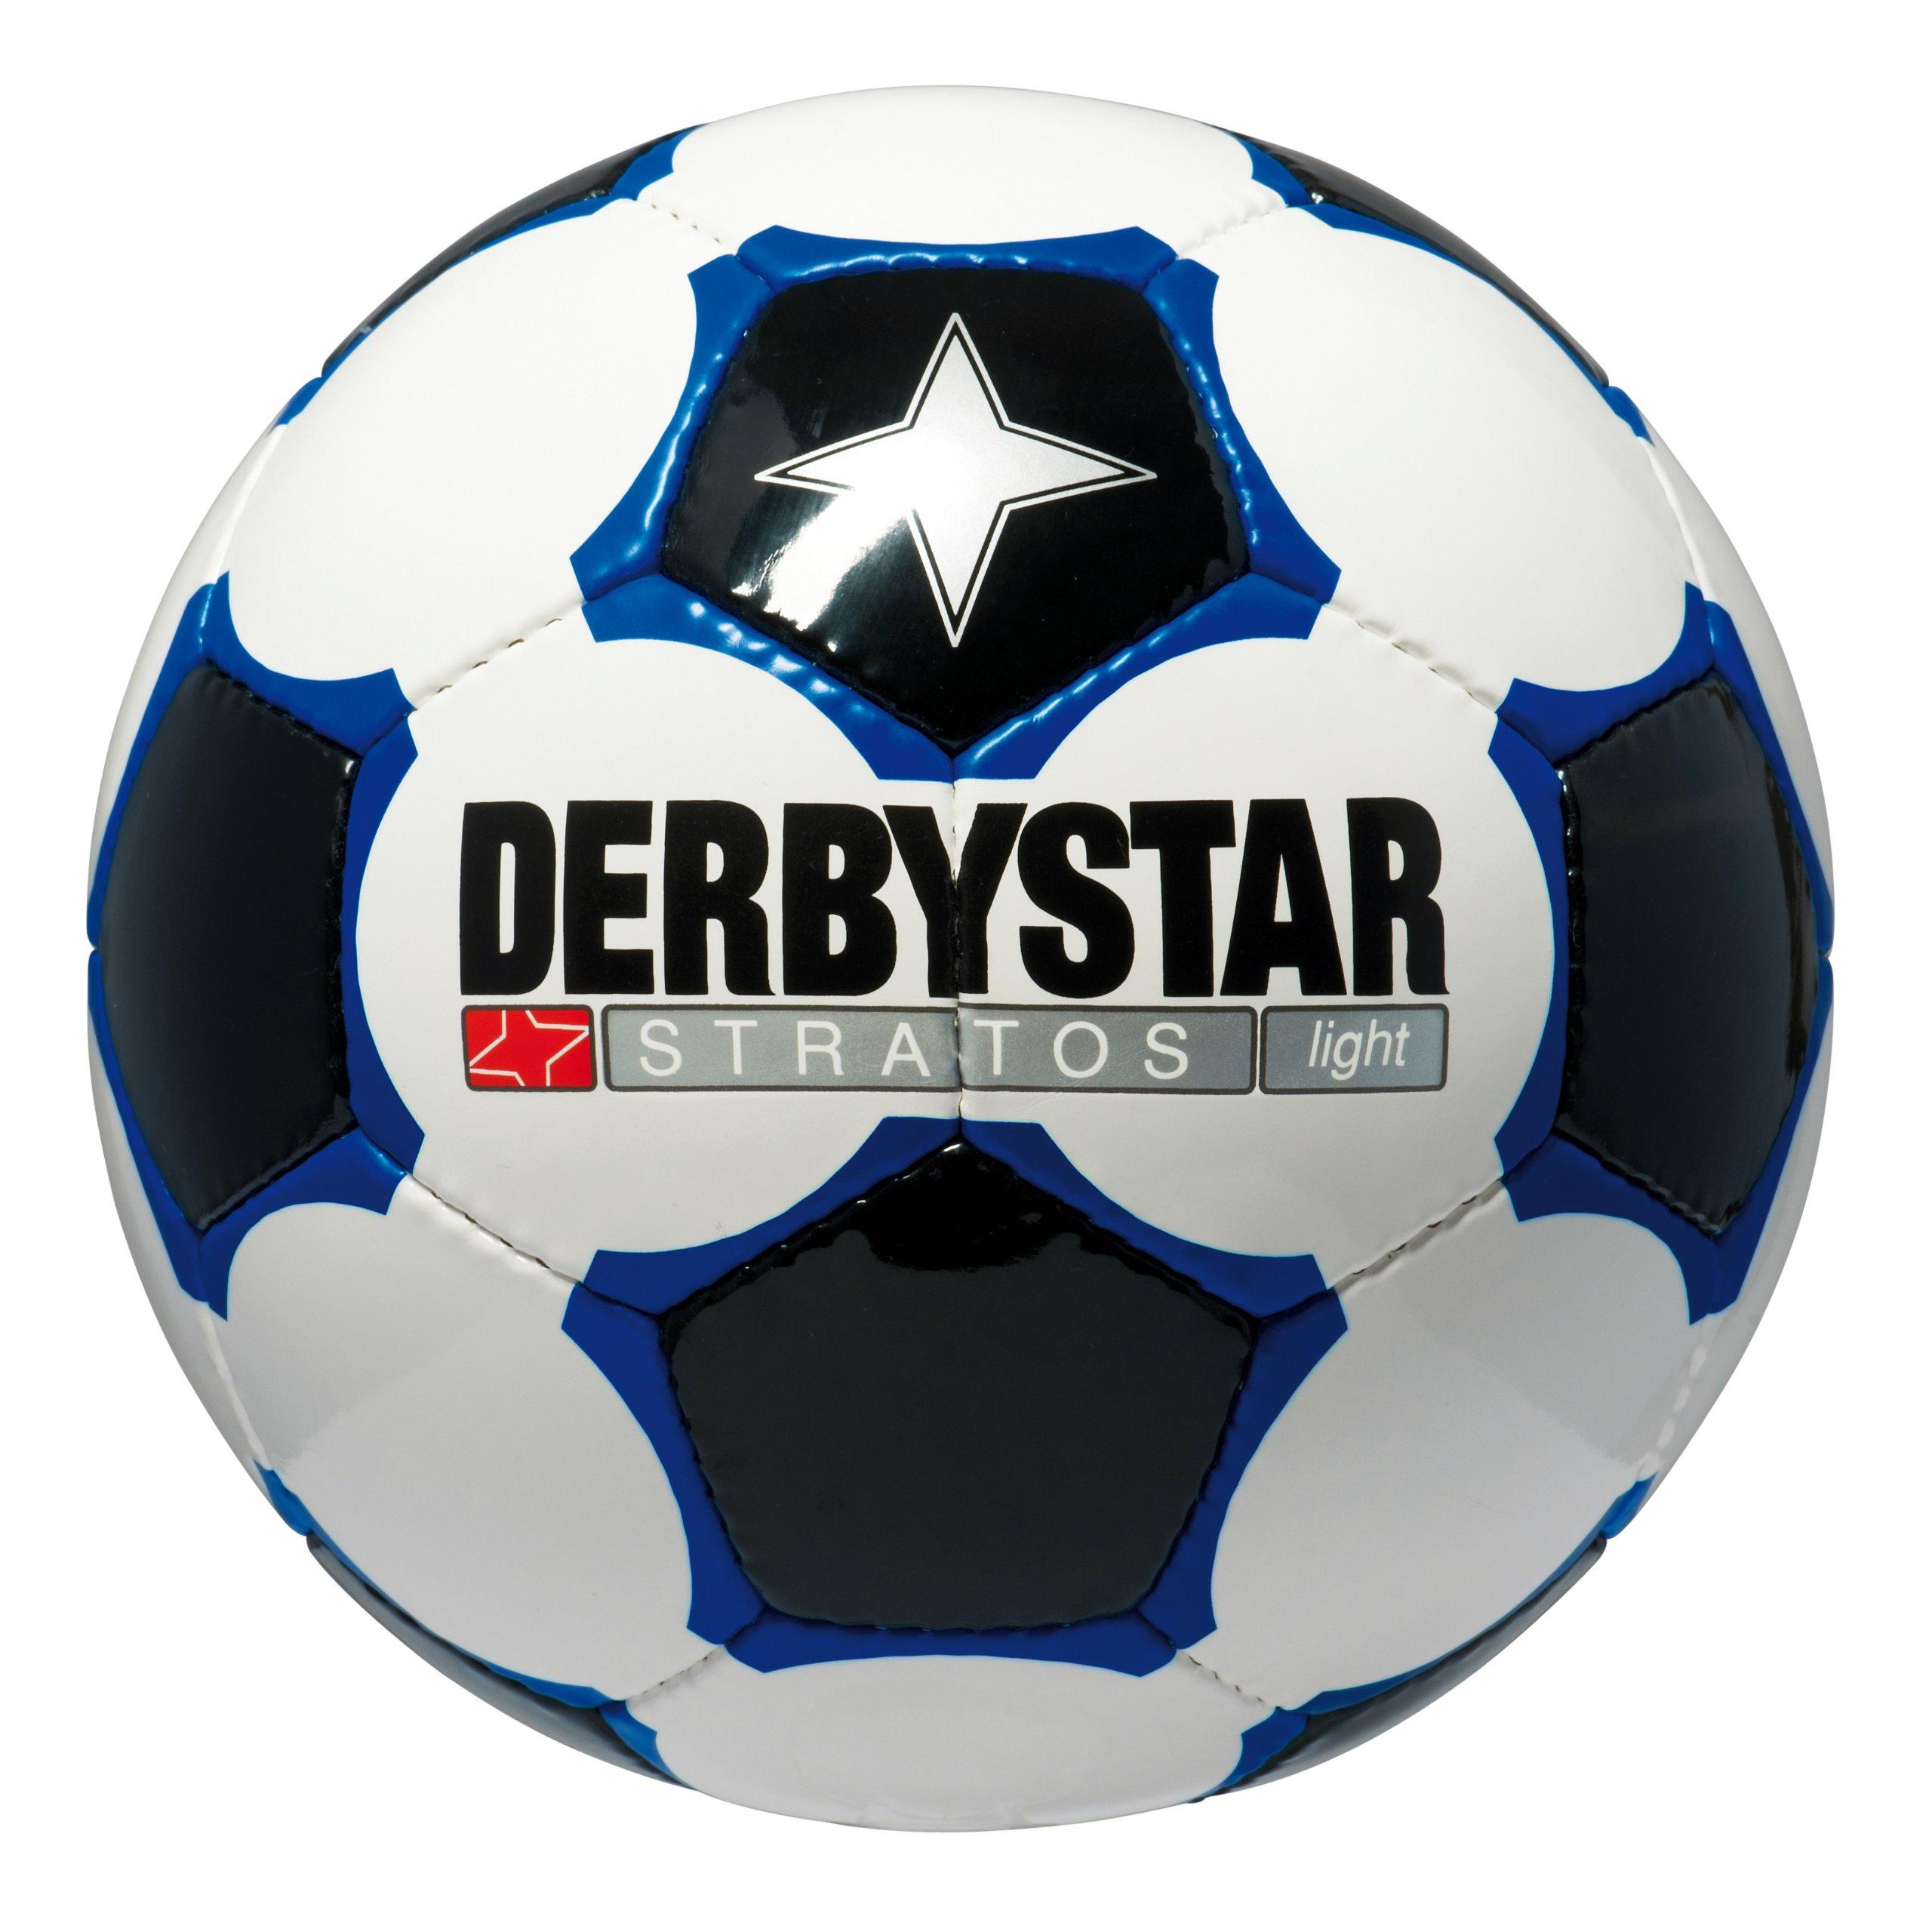 DERBYSTAR - SCIROCCO LIGHT, Pallone da calcio, colore: Bianco/Blu/Nero